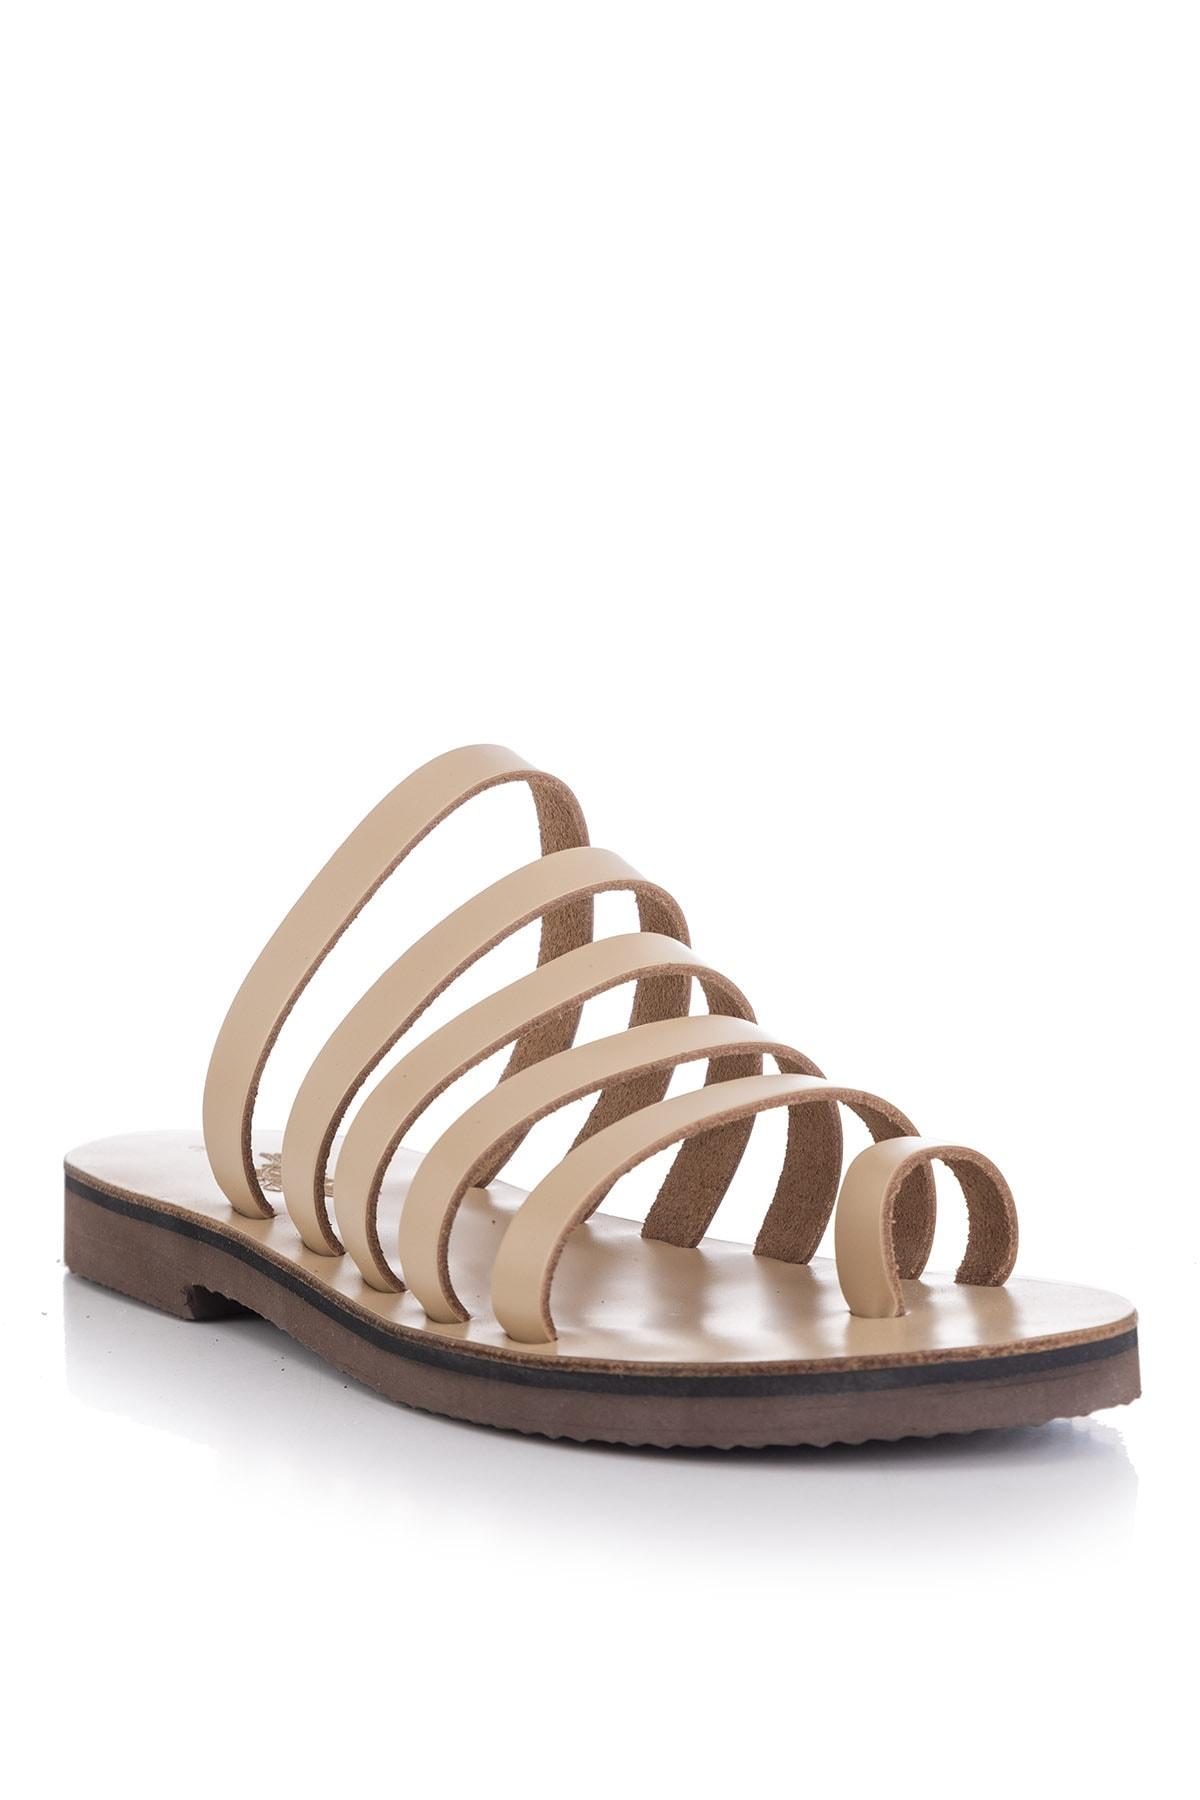 DaphneSandals El Yapımı Hakiki Deri Natural Kadın Sandalet - 5136 1